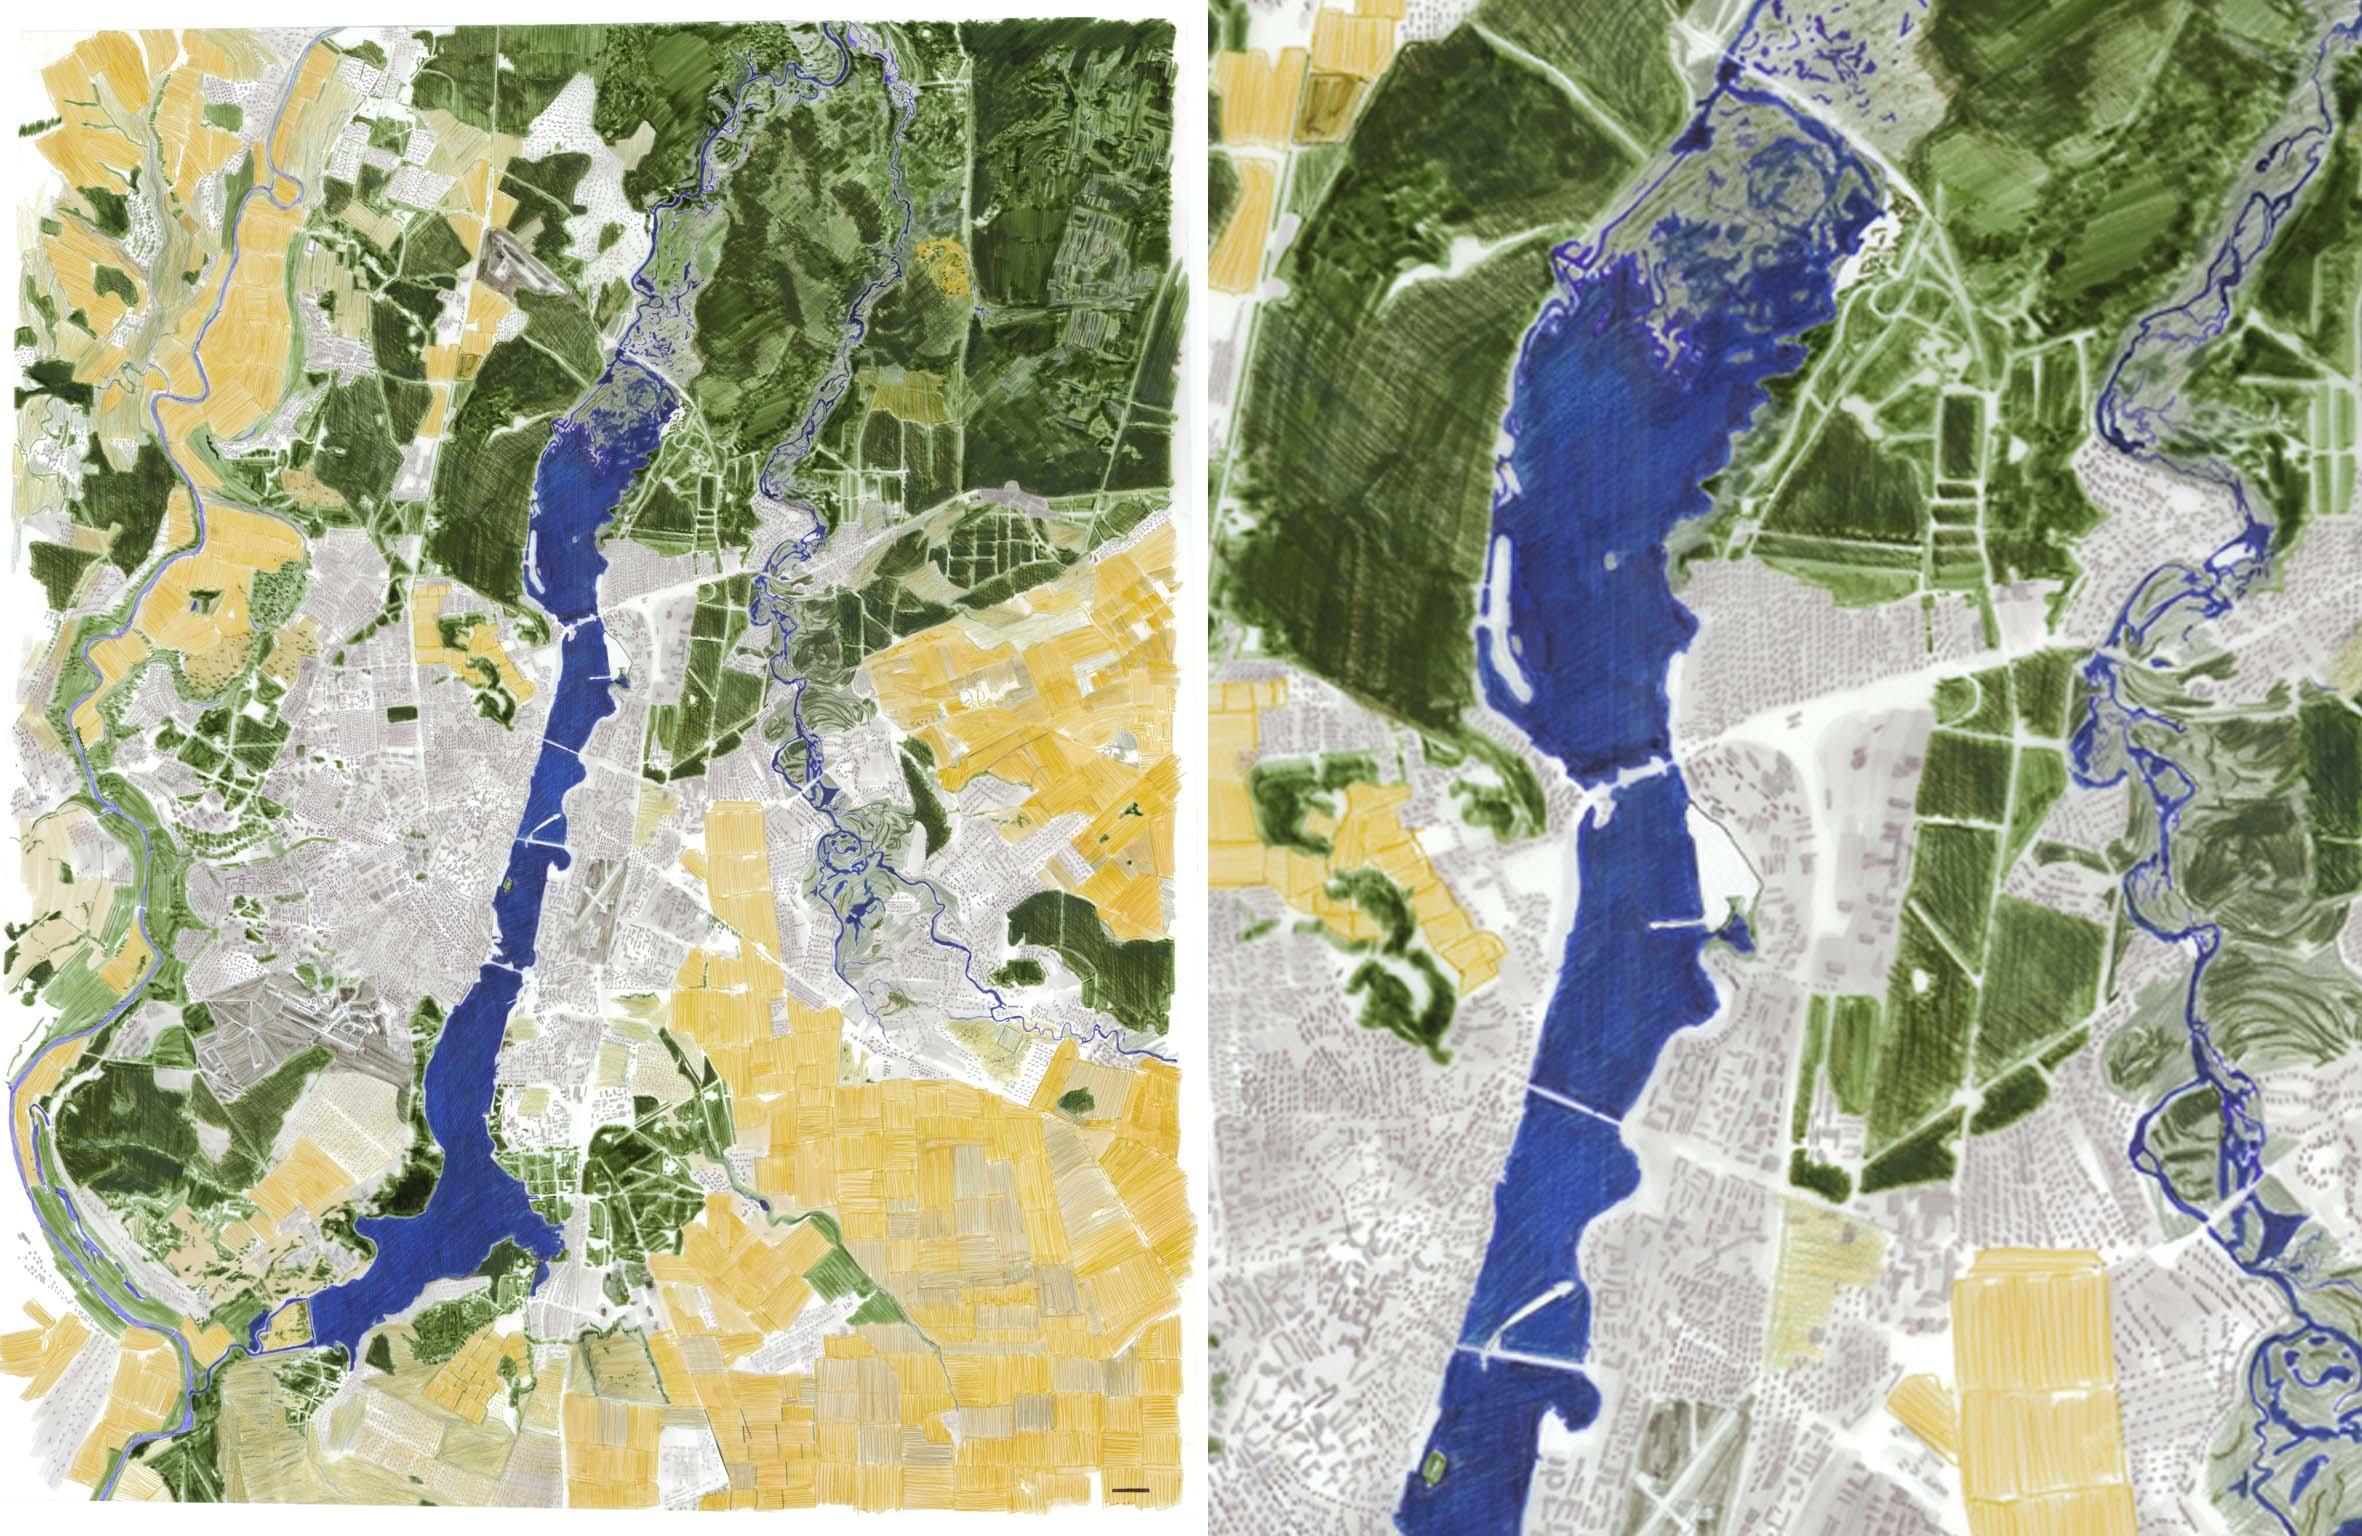 Carte des paysages de la ville de Voronez et ses environs